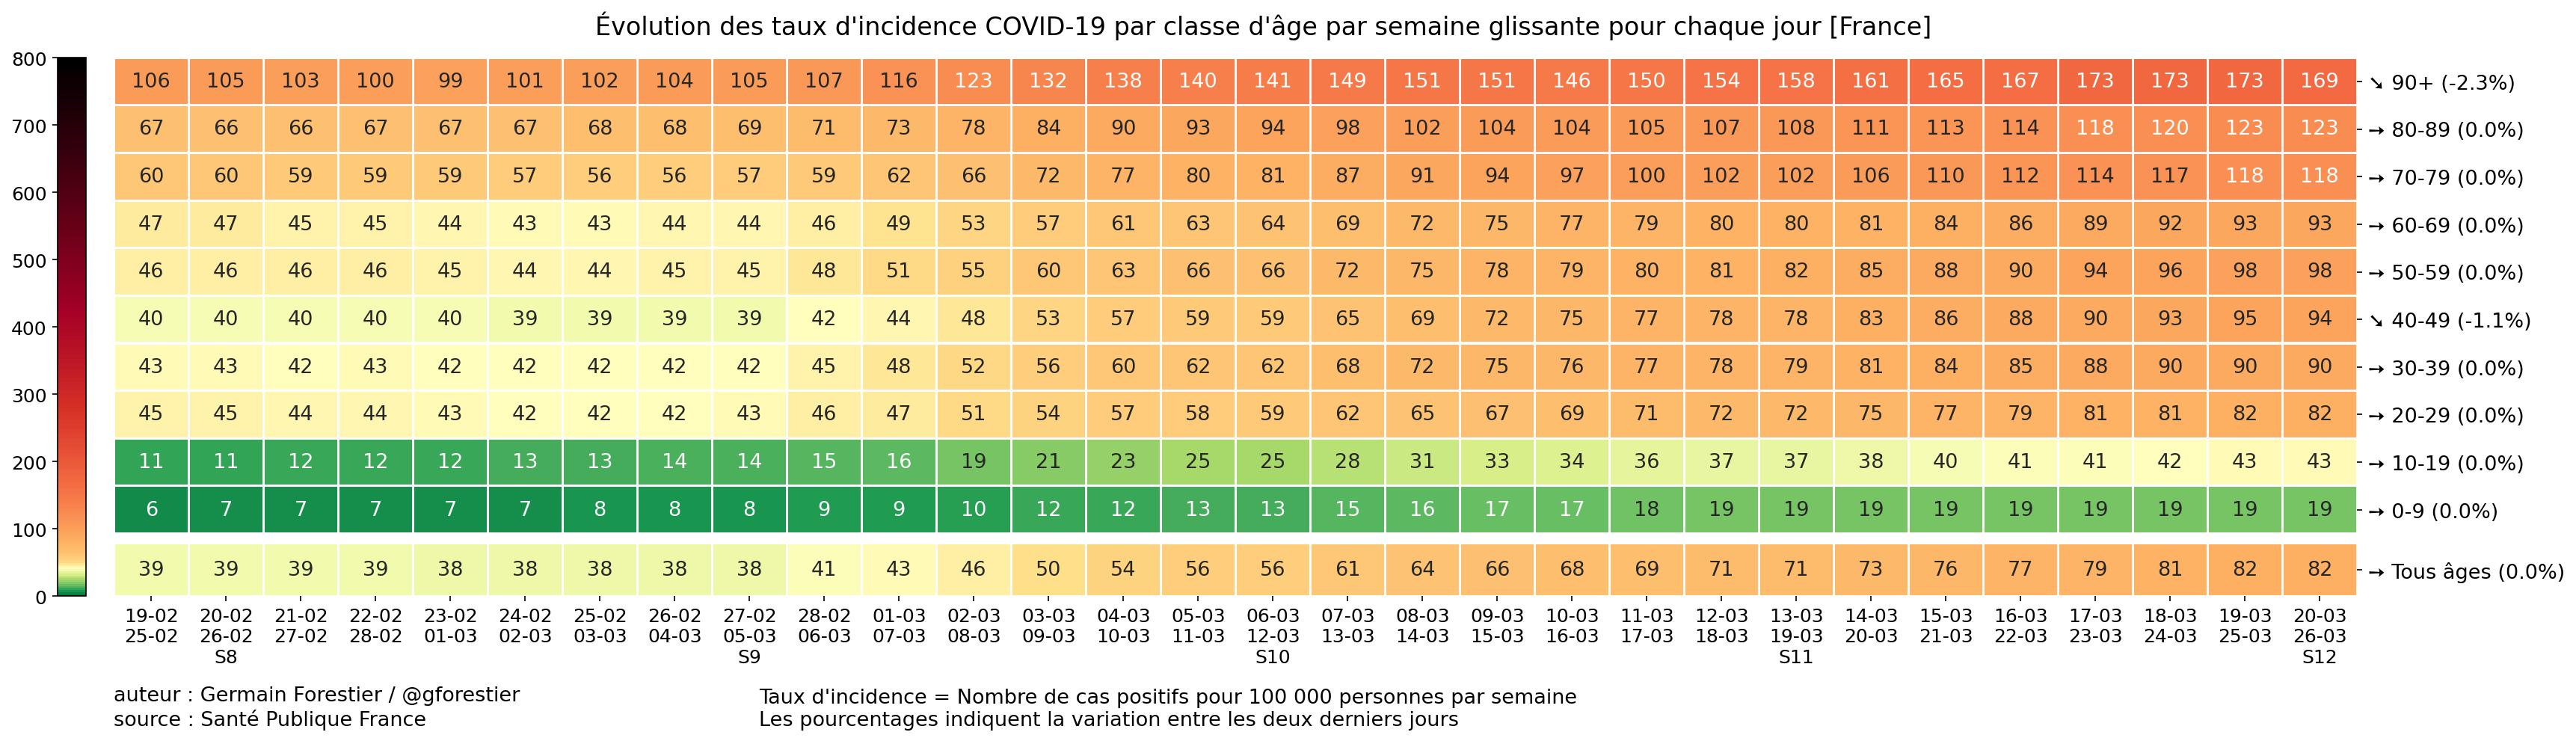 Le coronavirus COVID-19 - Infos, évolution et conséquences - Page 2 France-heatmap-incid-jour